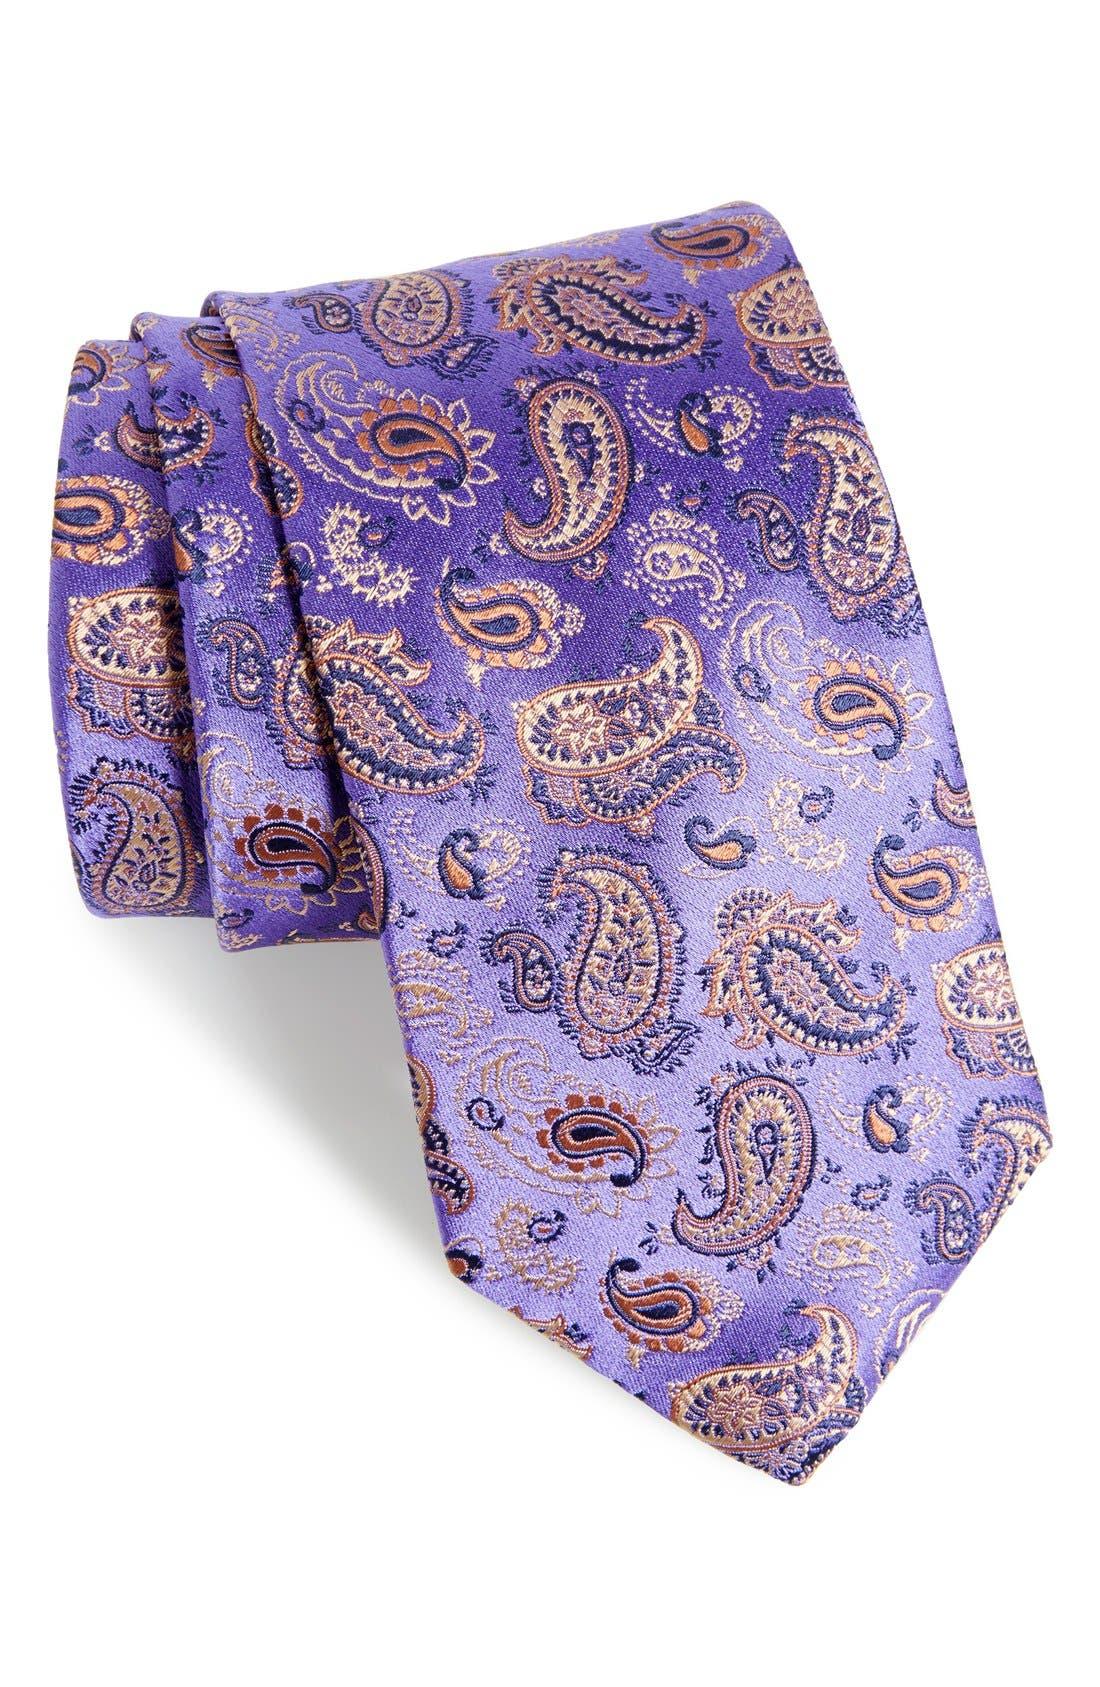 Alternate Image 1 Selected - Eton Paisley Silk Tie